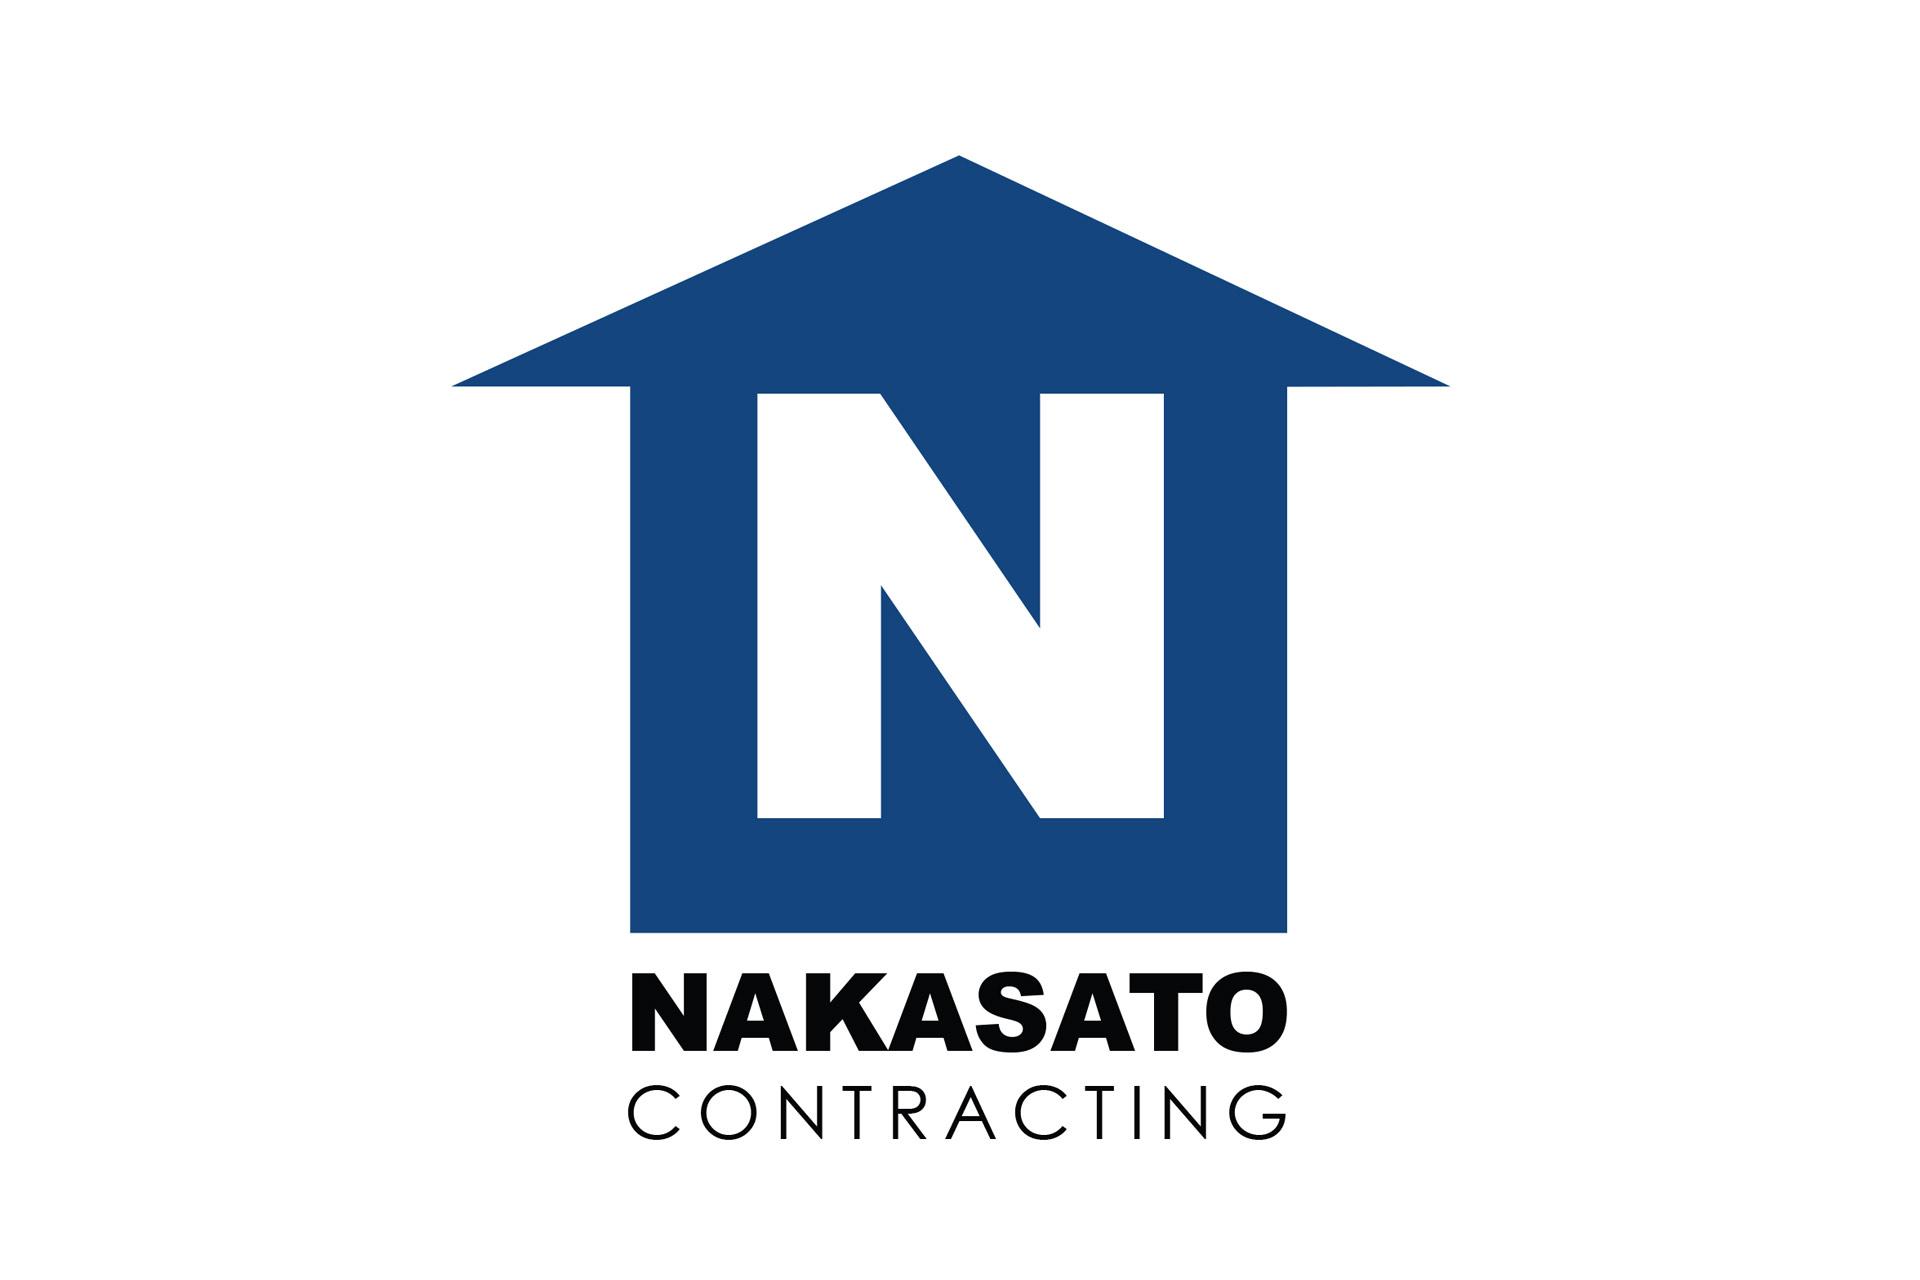 nakasato1